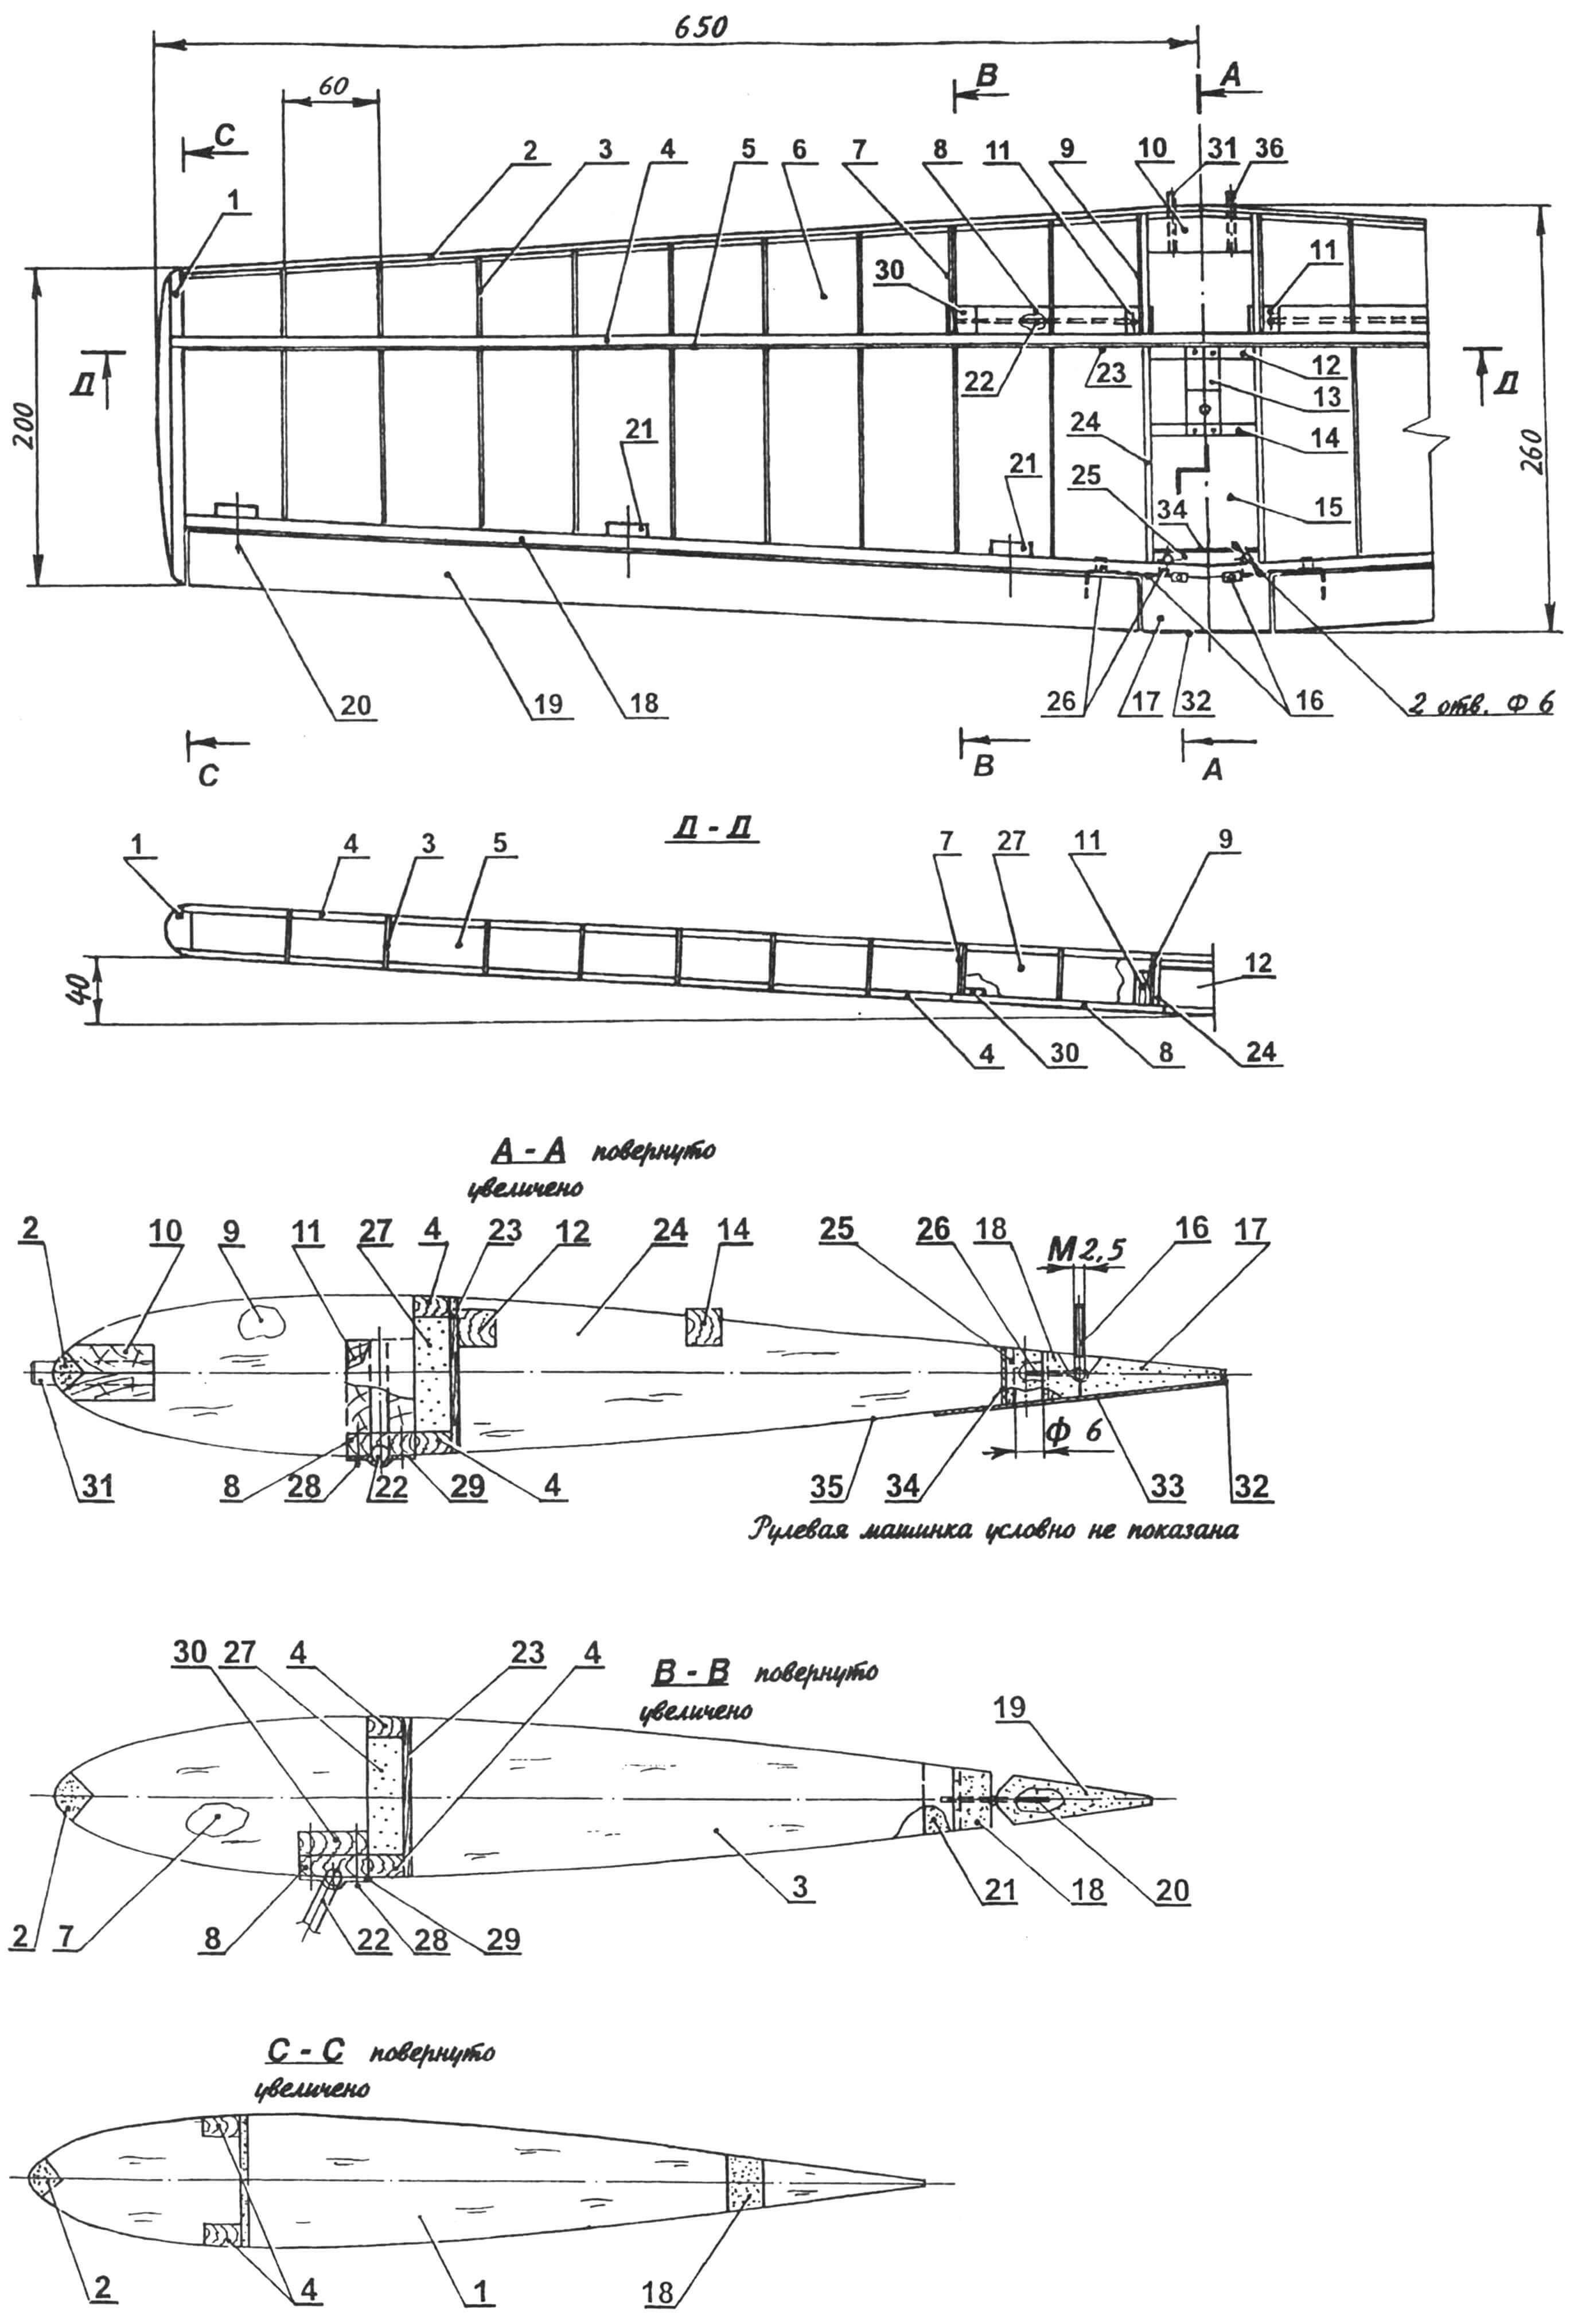 Крыло радиоуправляемой тренировочной модели самолета